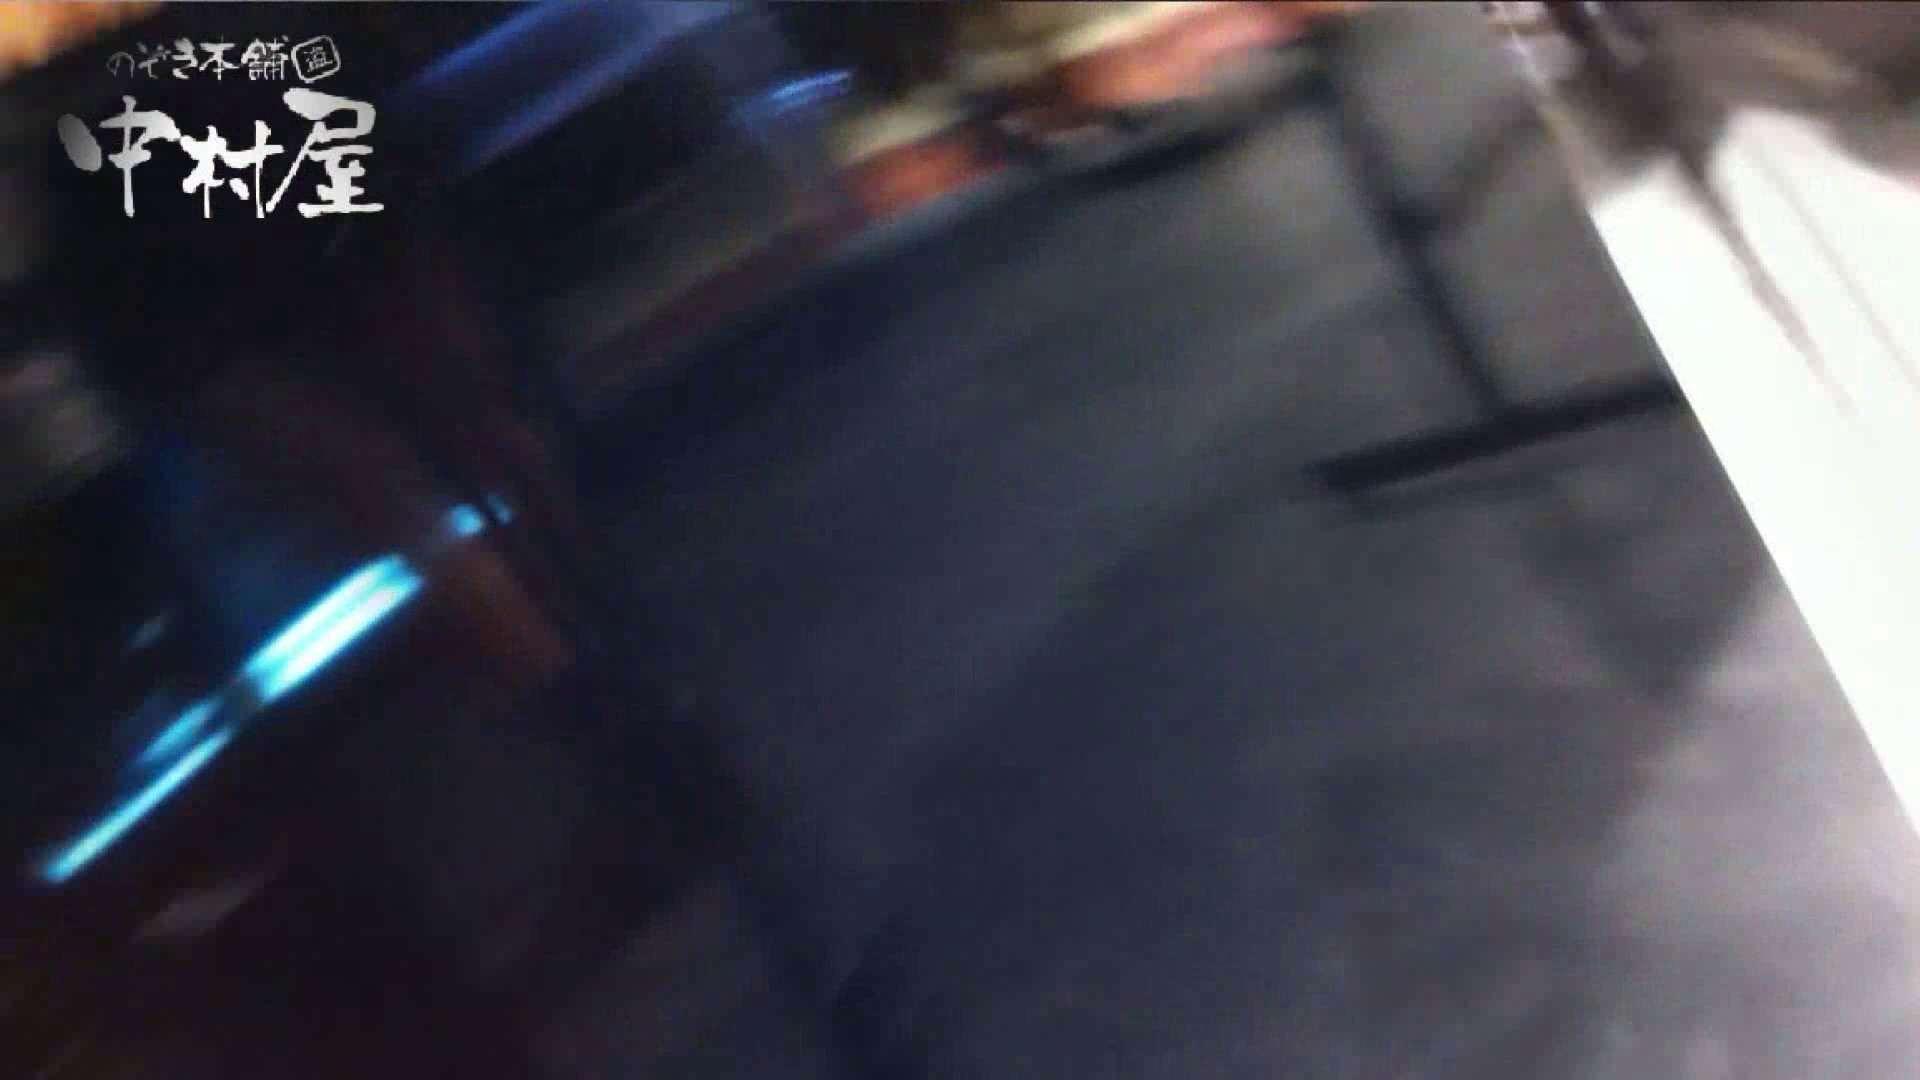 vol.48可愛いカリスマ店員胸チラ&パンチラ アニメ声の店員さん 接写  35pic 23